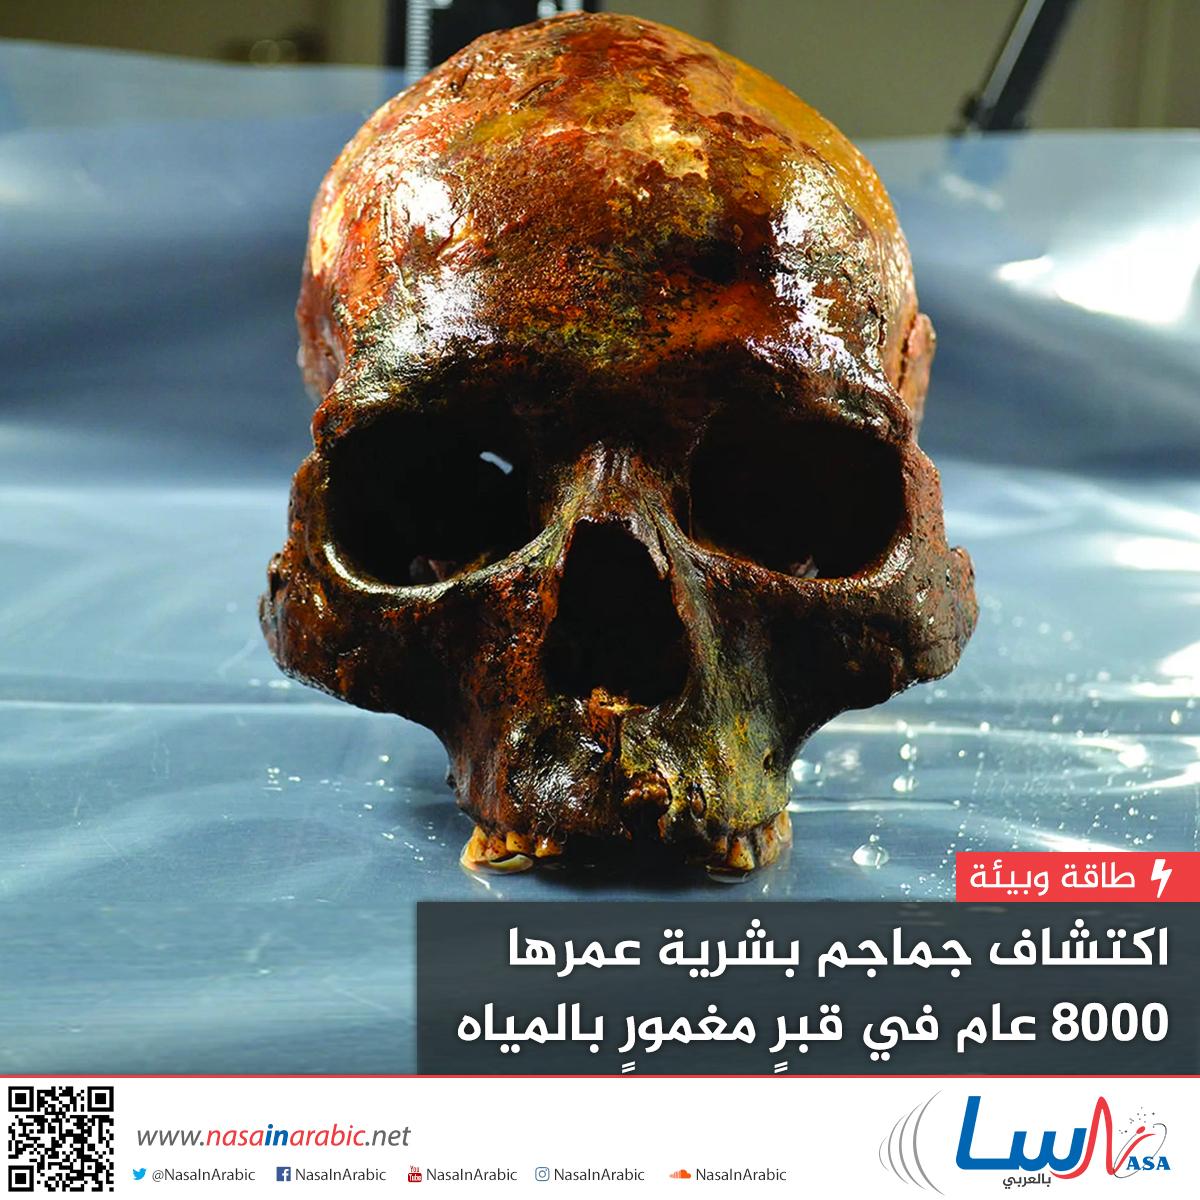 اكتشاف جماجم بشرية عمرها 8000 عام في قبر مغمور بالمياه